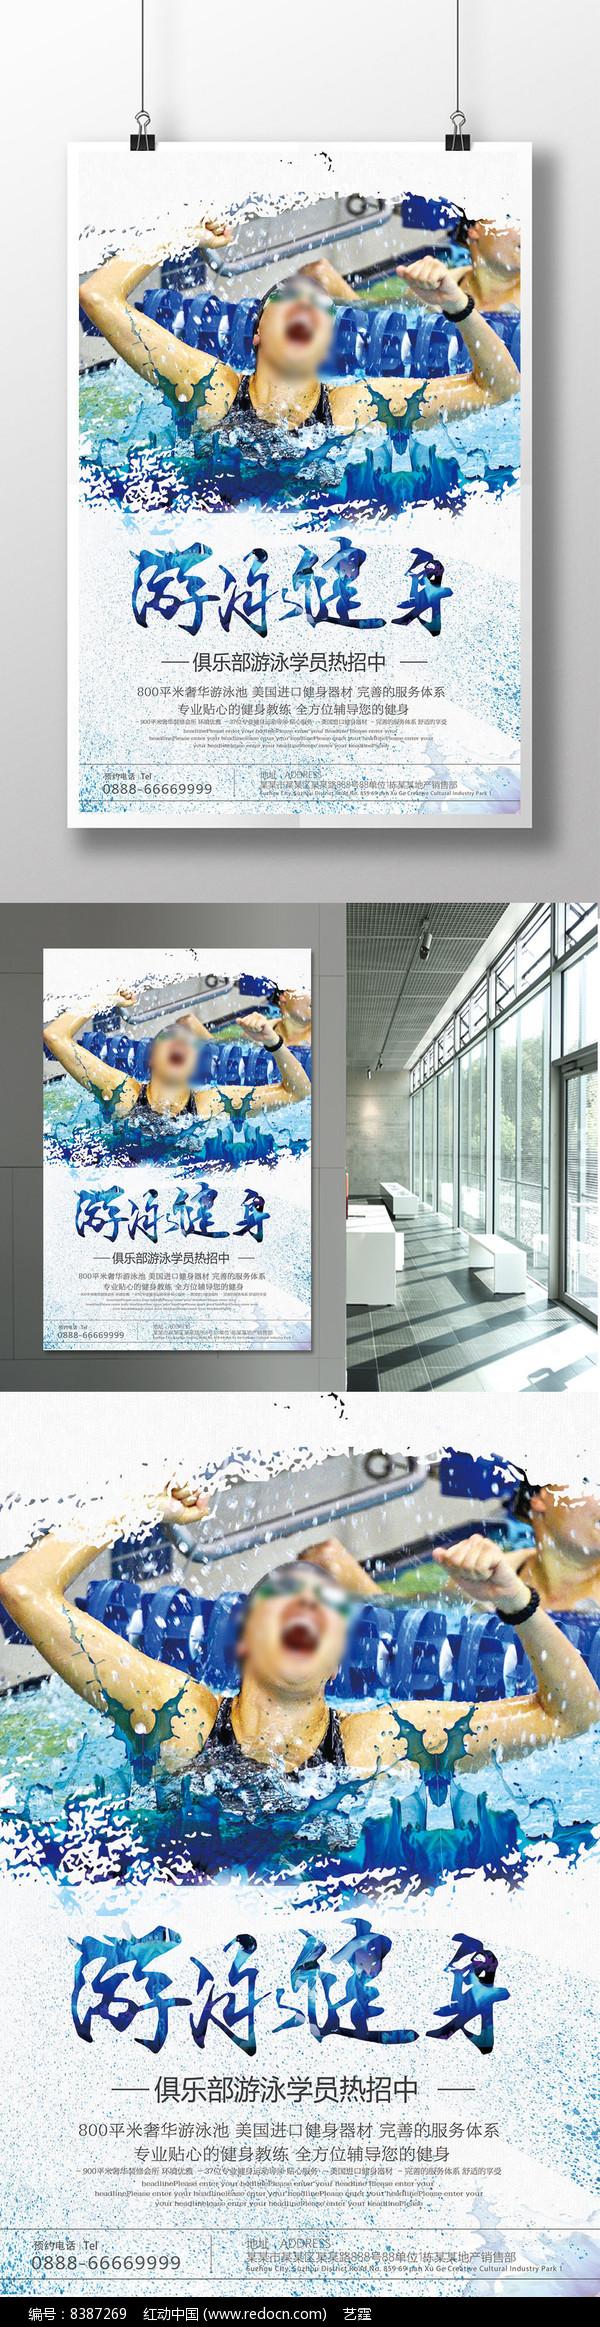 游泳健身俱乐部海报设计图片